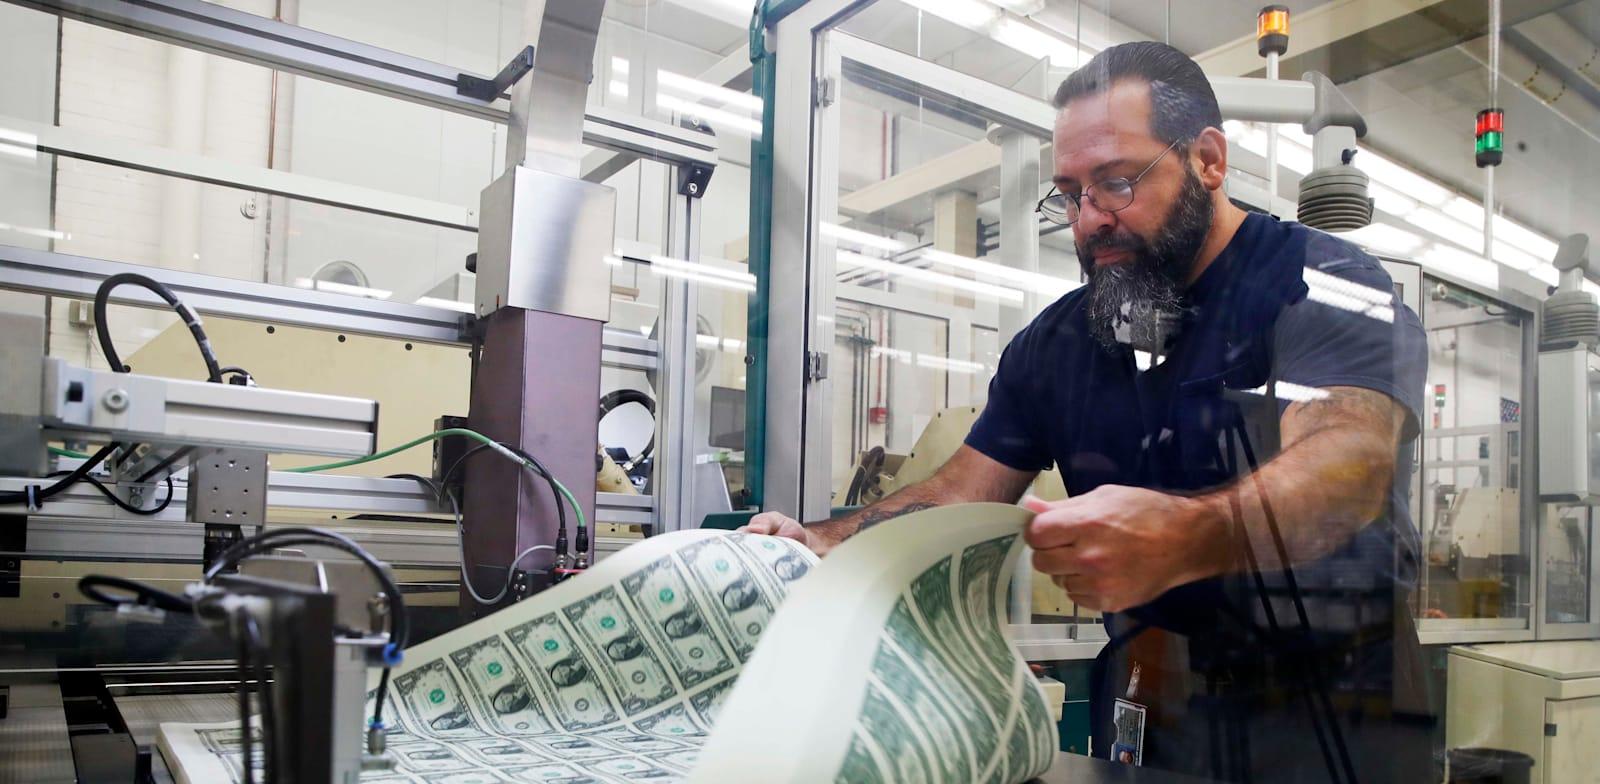 הדפסת דולרים / צילום: Associated Press, Jacquelyn Martin